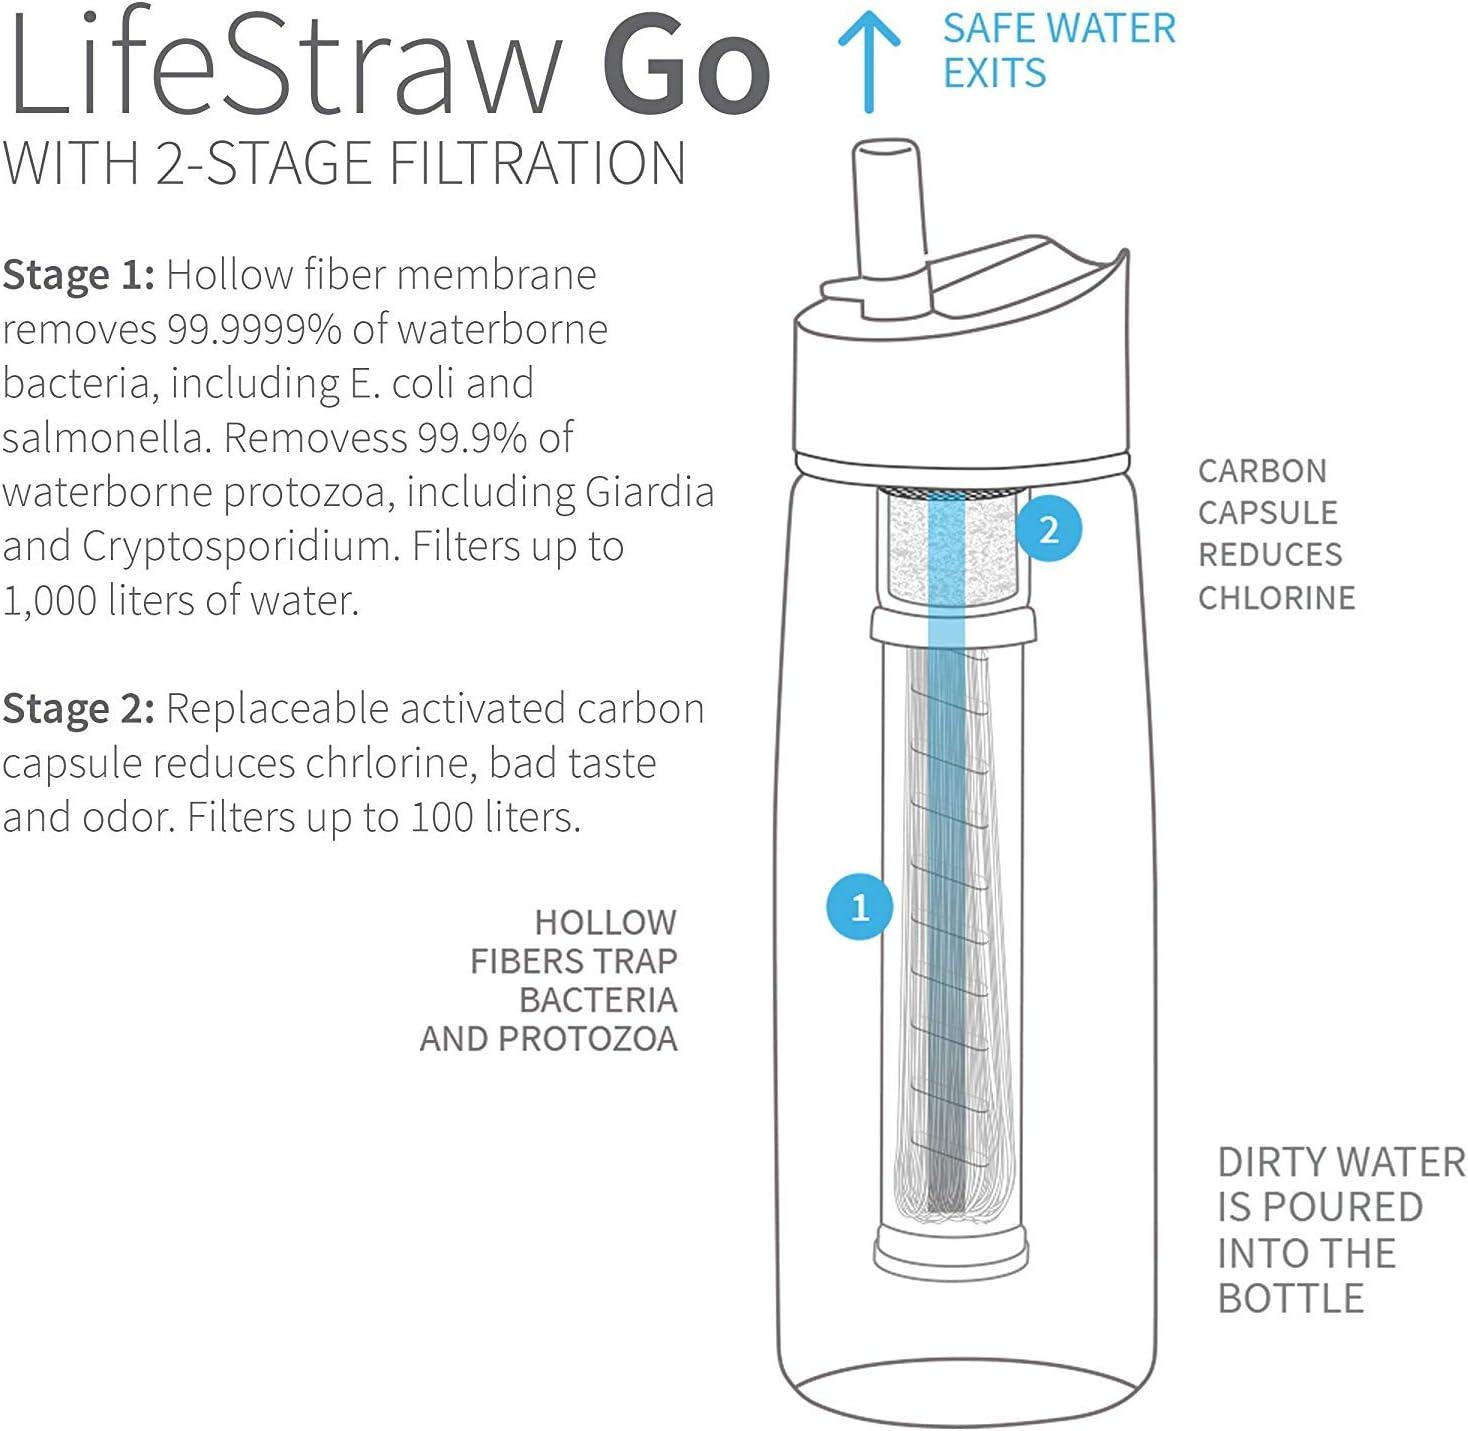 LifeStraw Go - Botella de agua con filtro integrado, Elimina bacterias y protozoos (1 unidad): Amazon.es: Deportes y aire libre